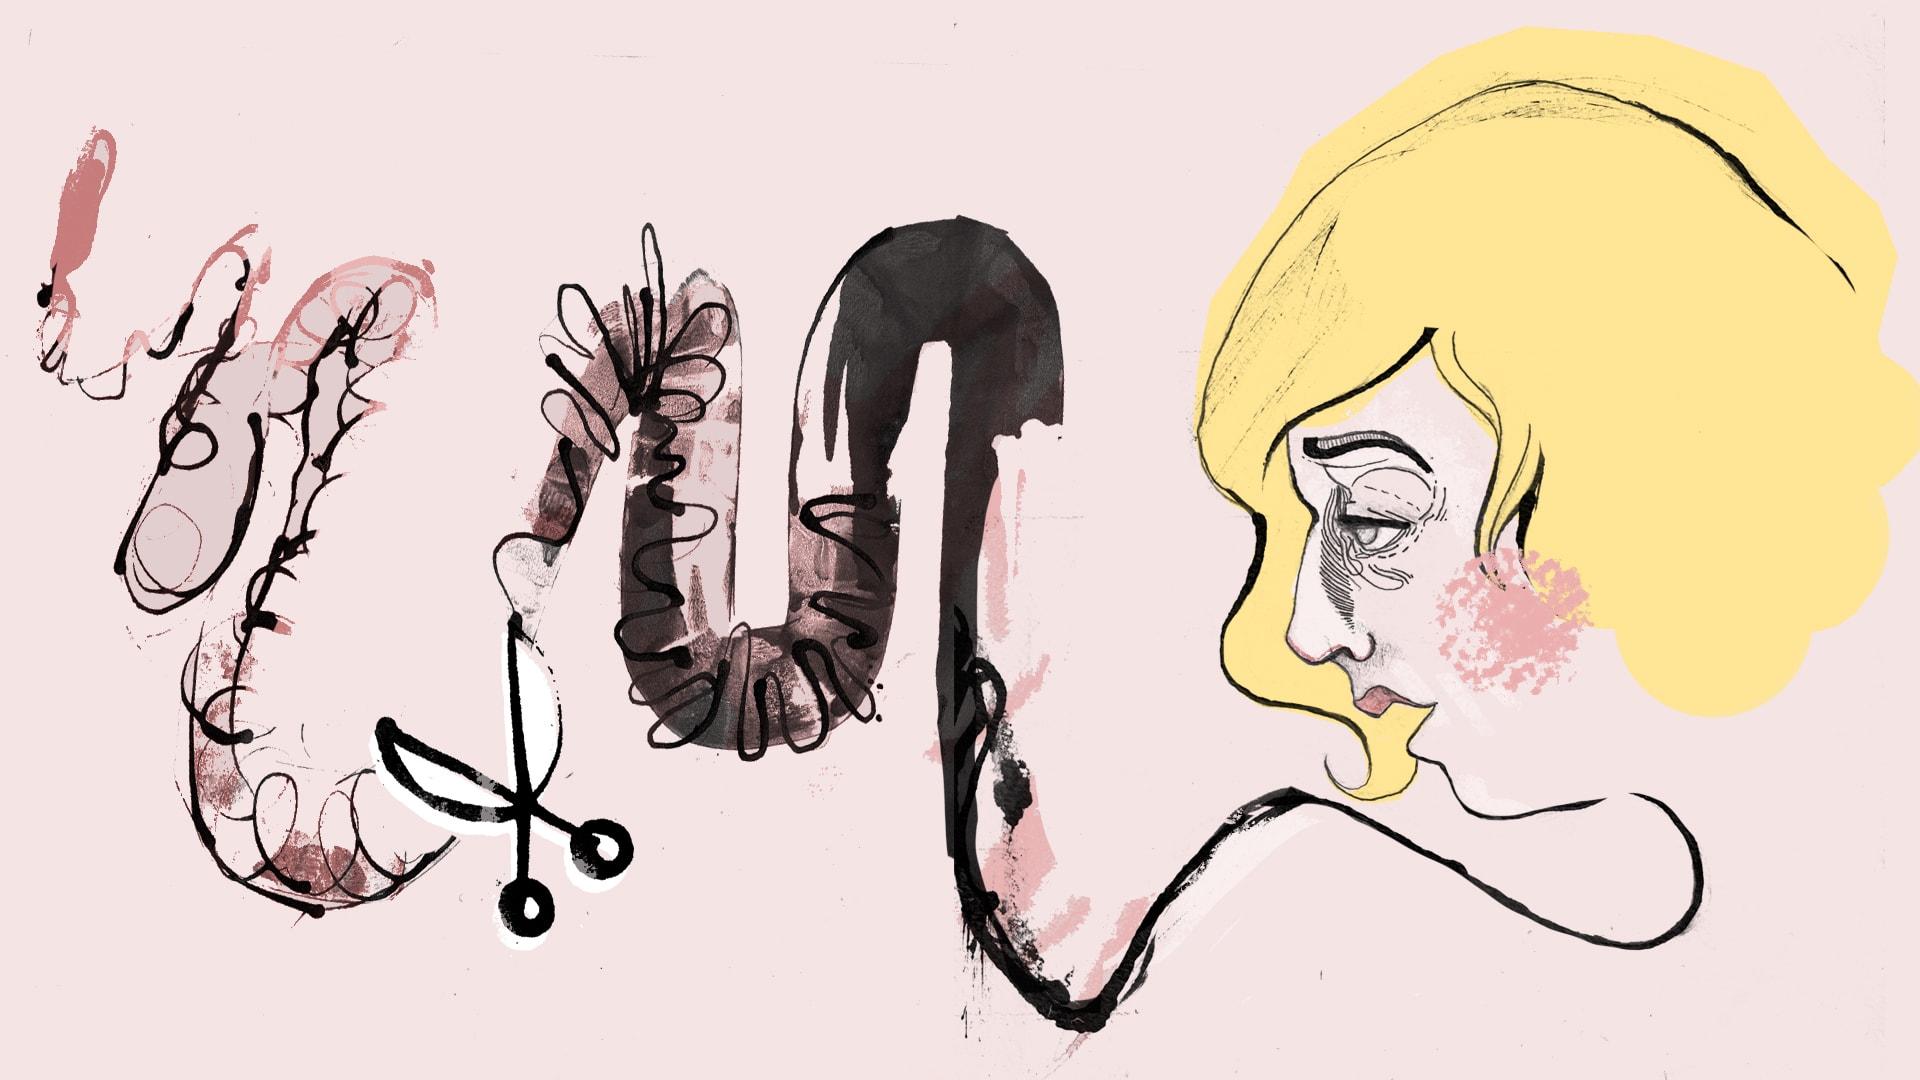 ilustracja Aleksandry Ćwikowskiej (Nibme) do wierszy Katarzyny Szaulińskiej I Mały Format